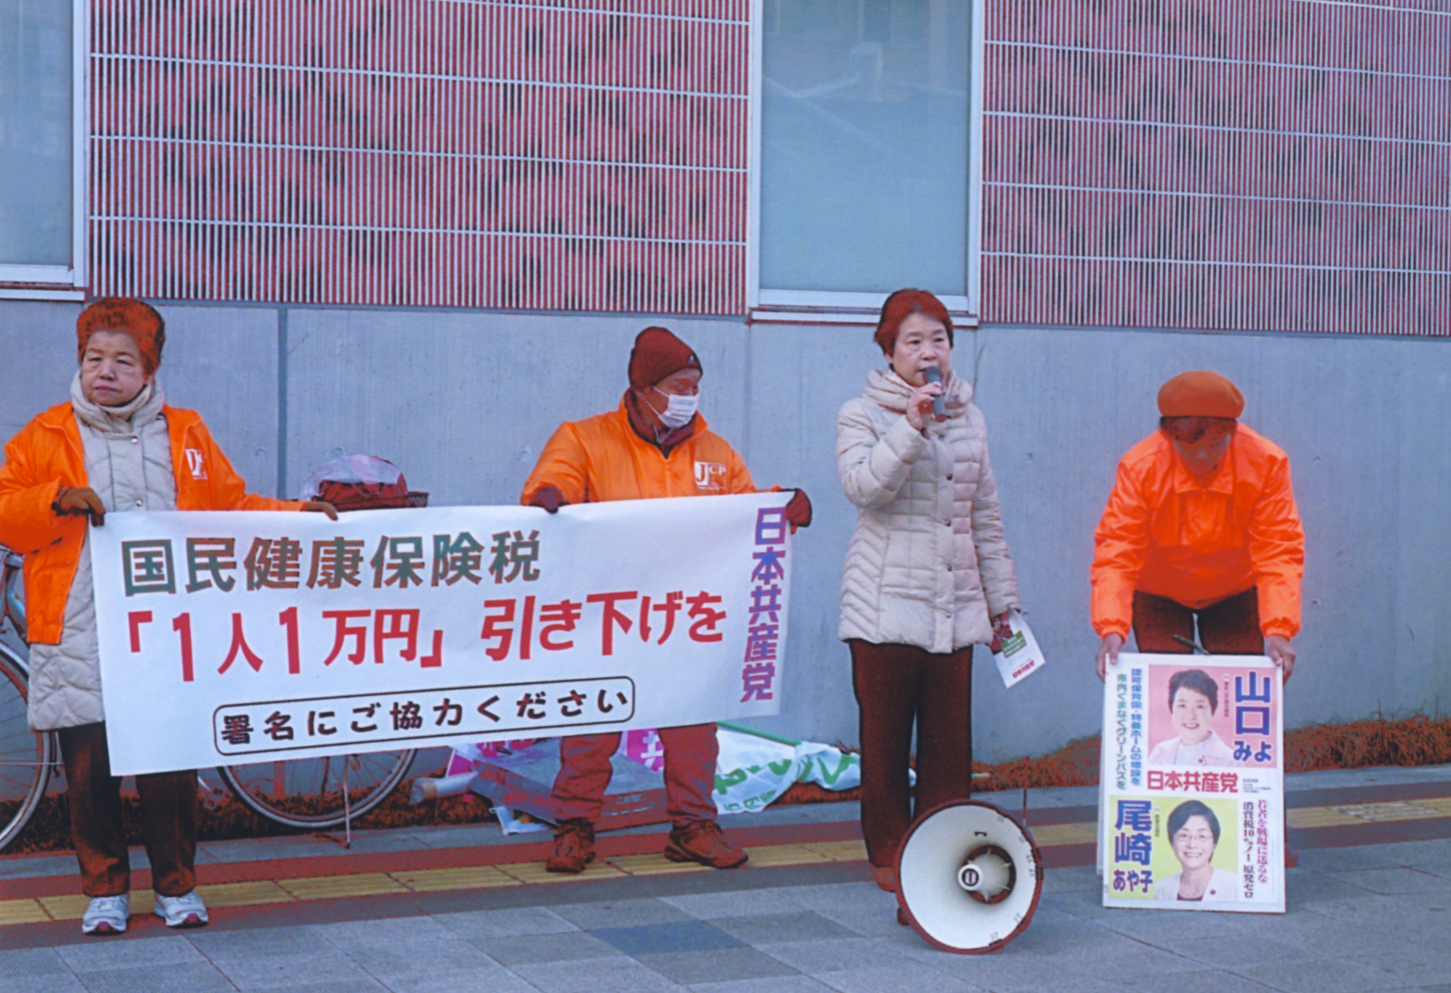 西武線久米川駅前で国保税引き下げを求める宣伝をする山口みよ東村山市議(右から2人目)と後援会員たち